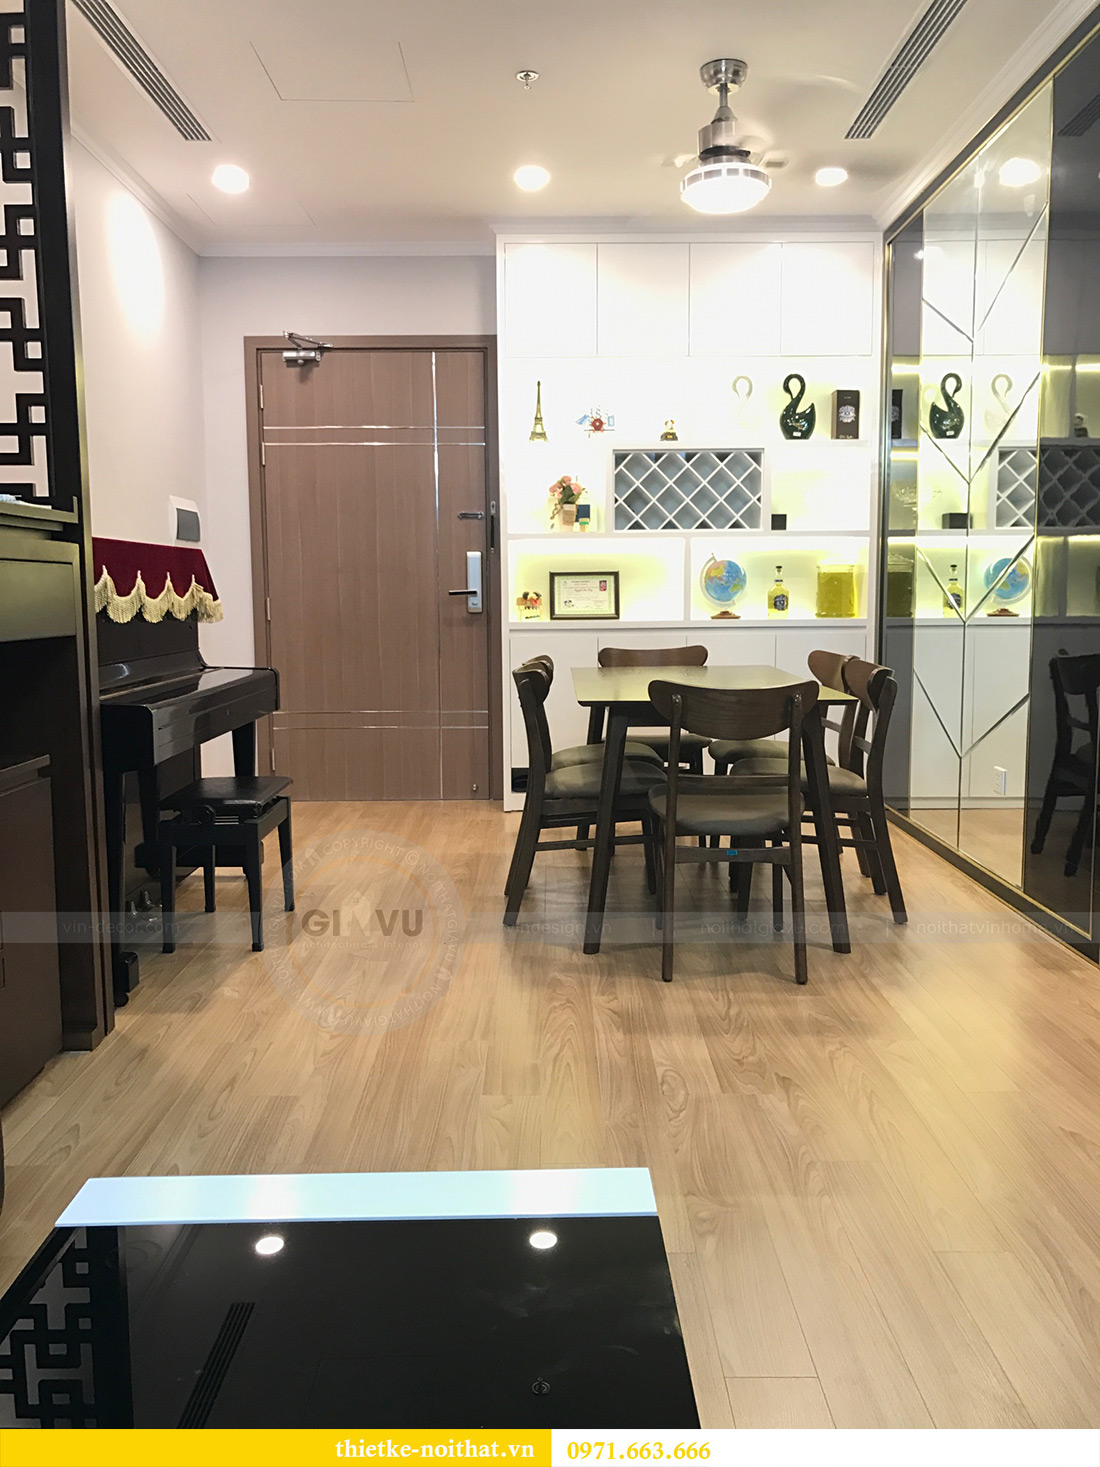 Thi công nội thất chung cư Vinhomes Gardenia tòa A1 căn 03 anh Luân 4